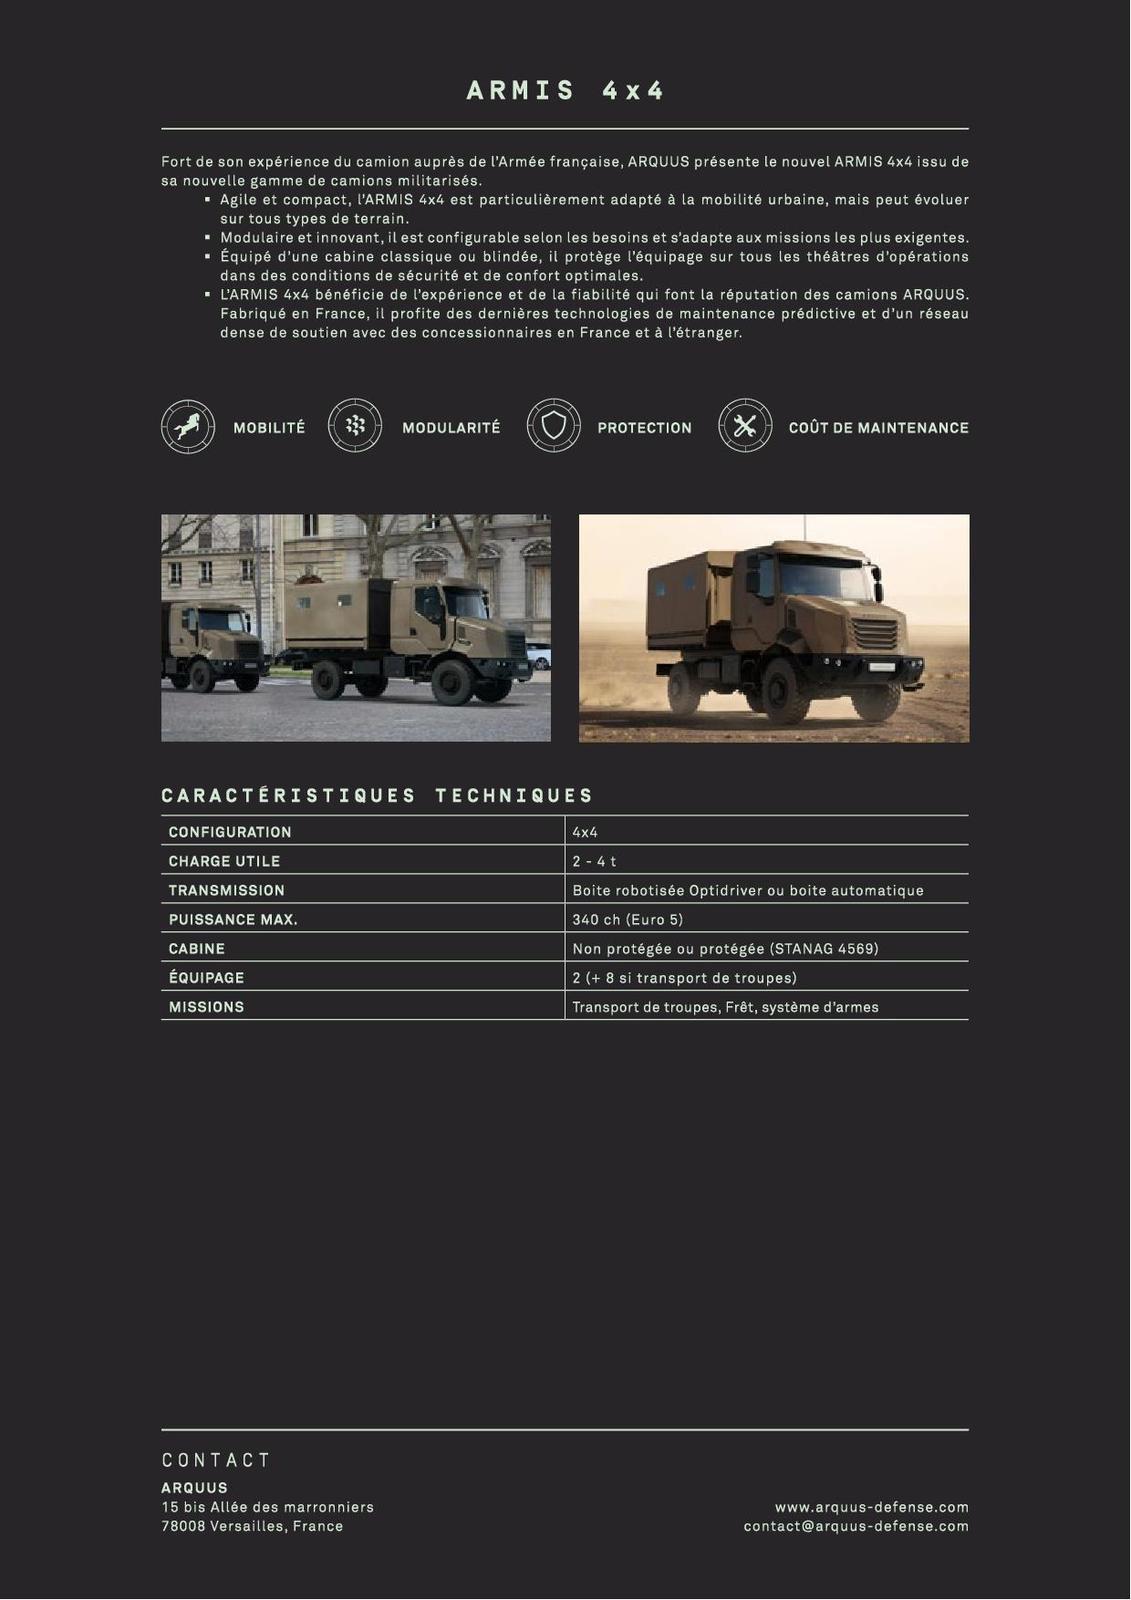 ARMIS : la nouvelle gamme de porteurs tactiques et logistiques d'ARQUUS